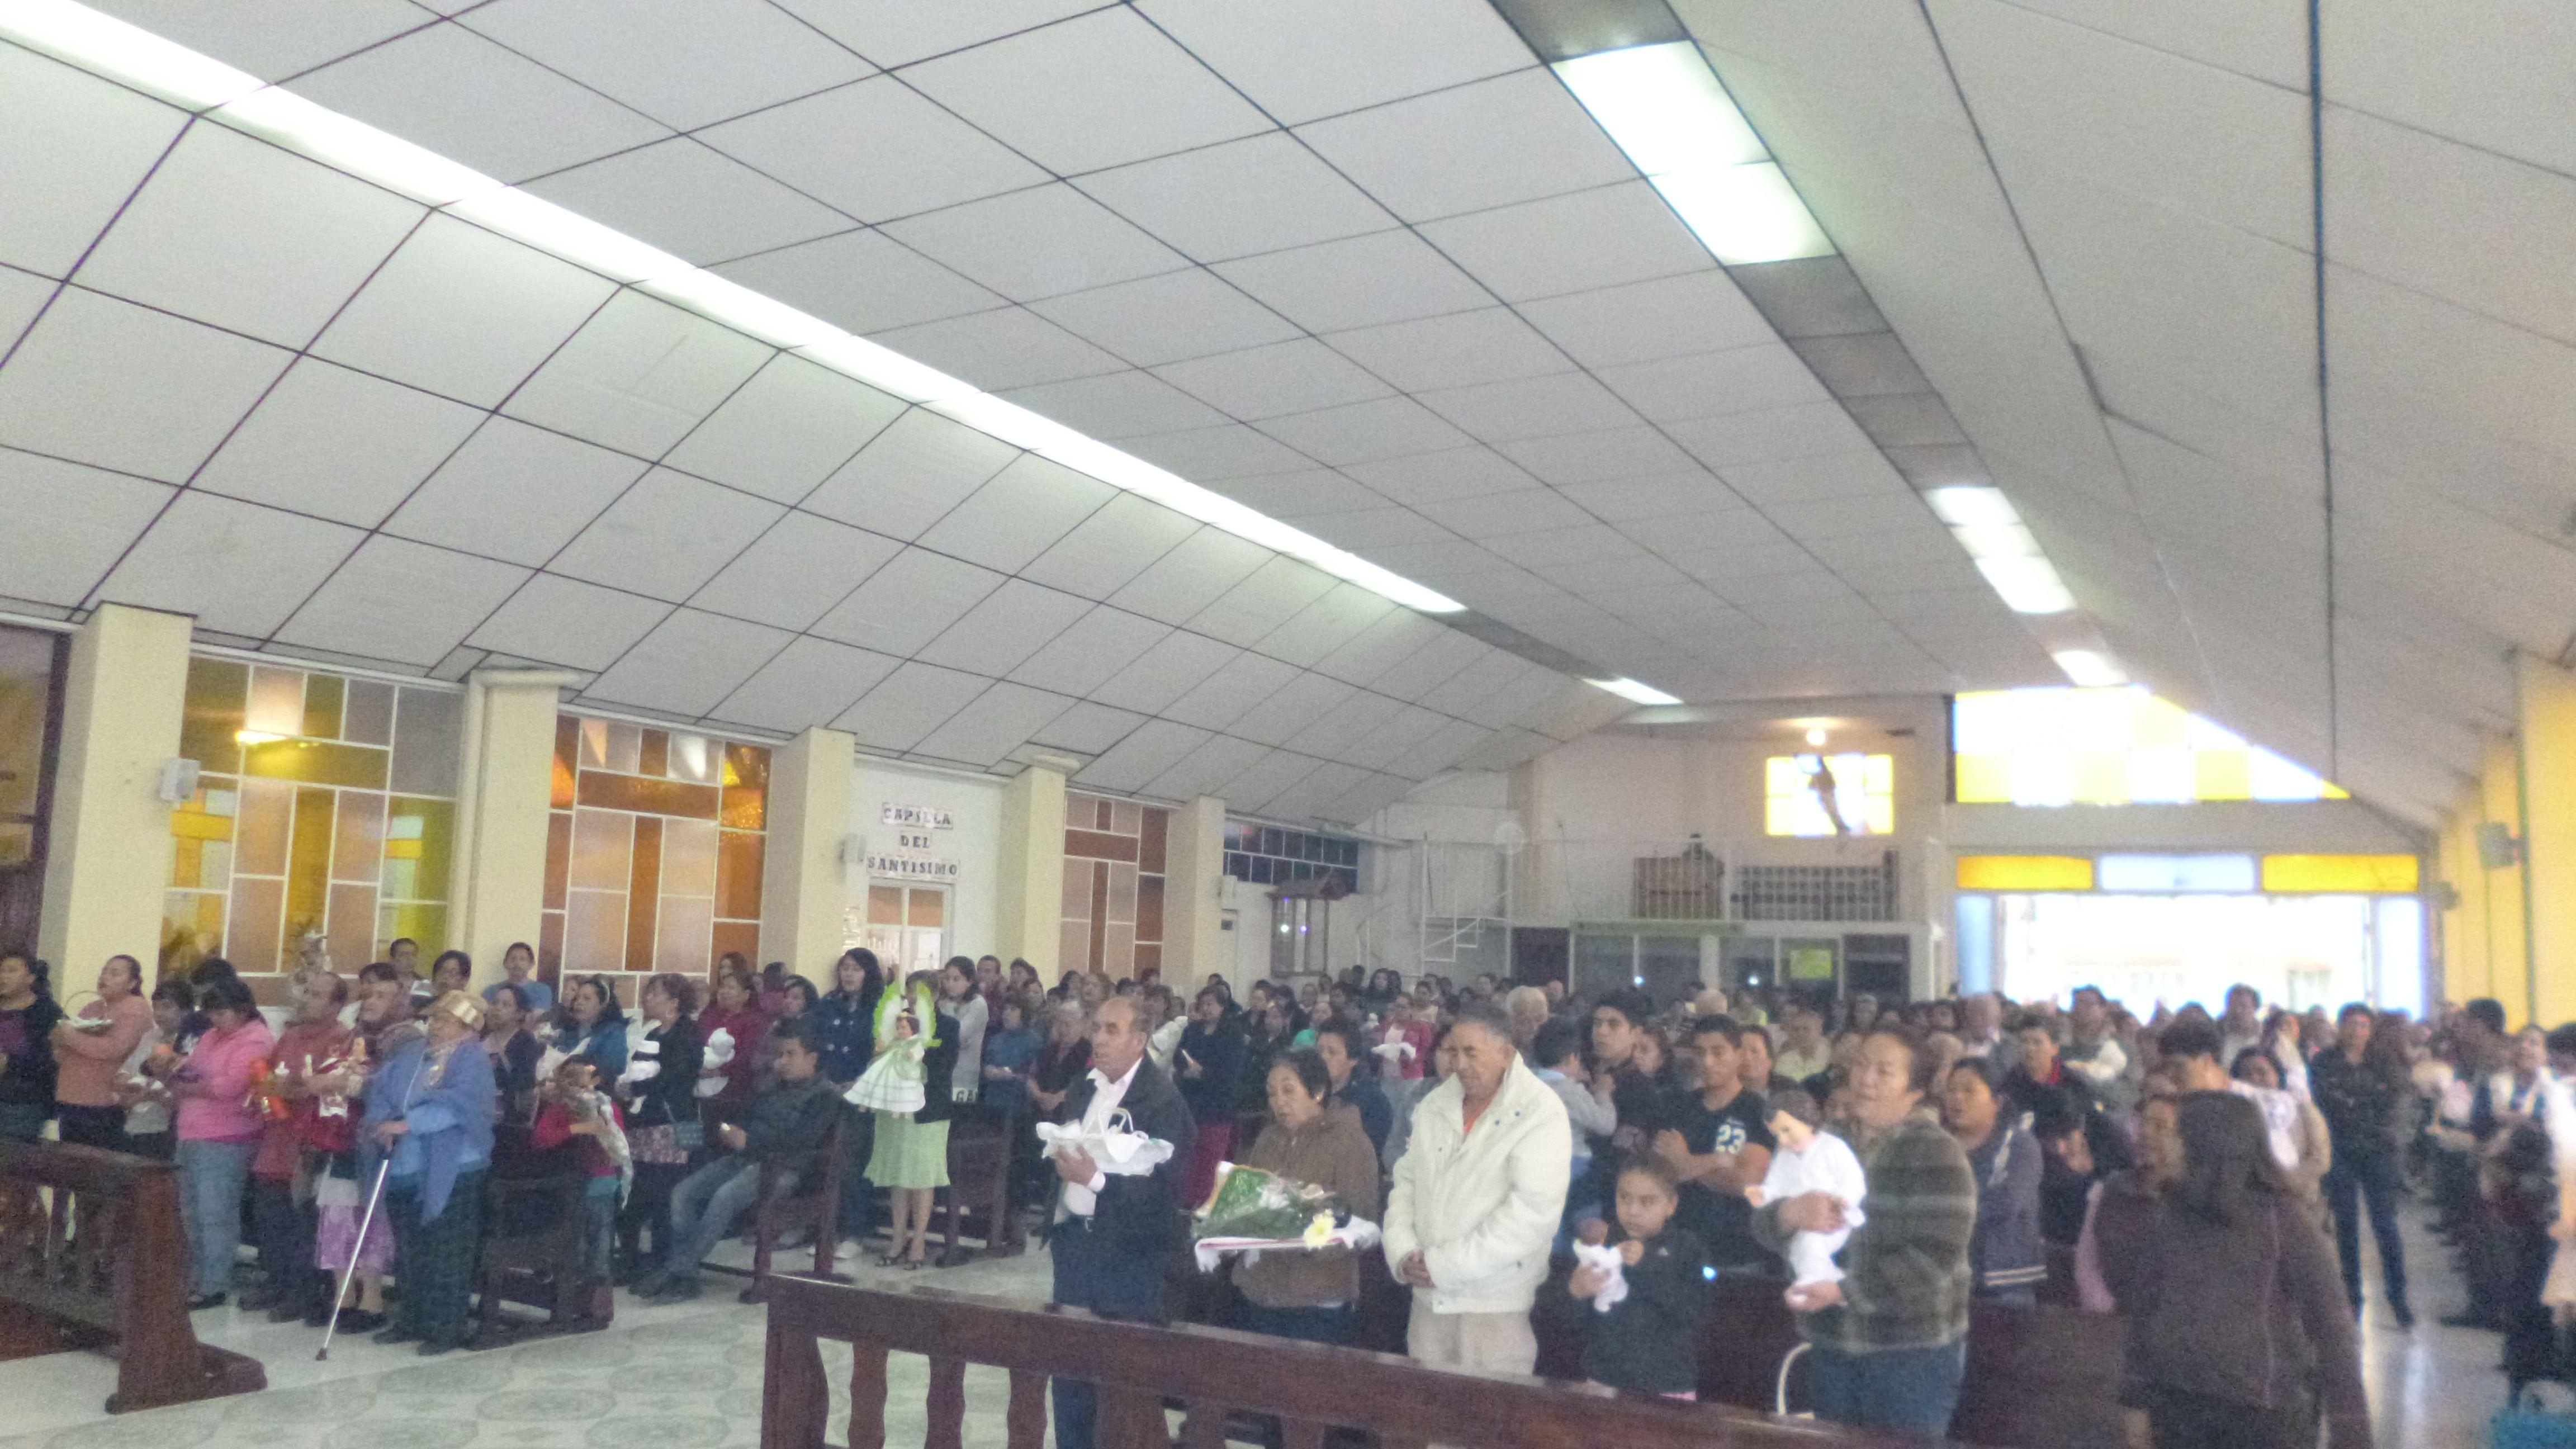 Celebración Eucarística de la presentación del Señor 5:00 Pm Capilla Virgen de Guadalupe.